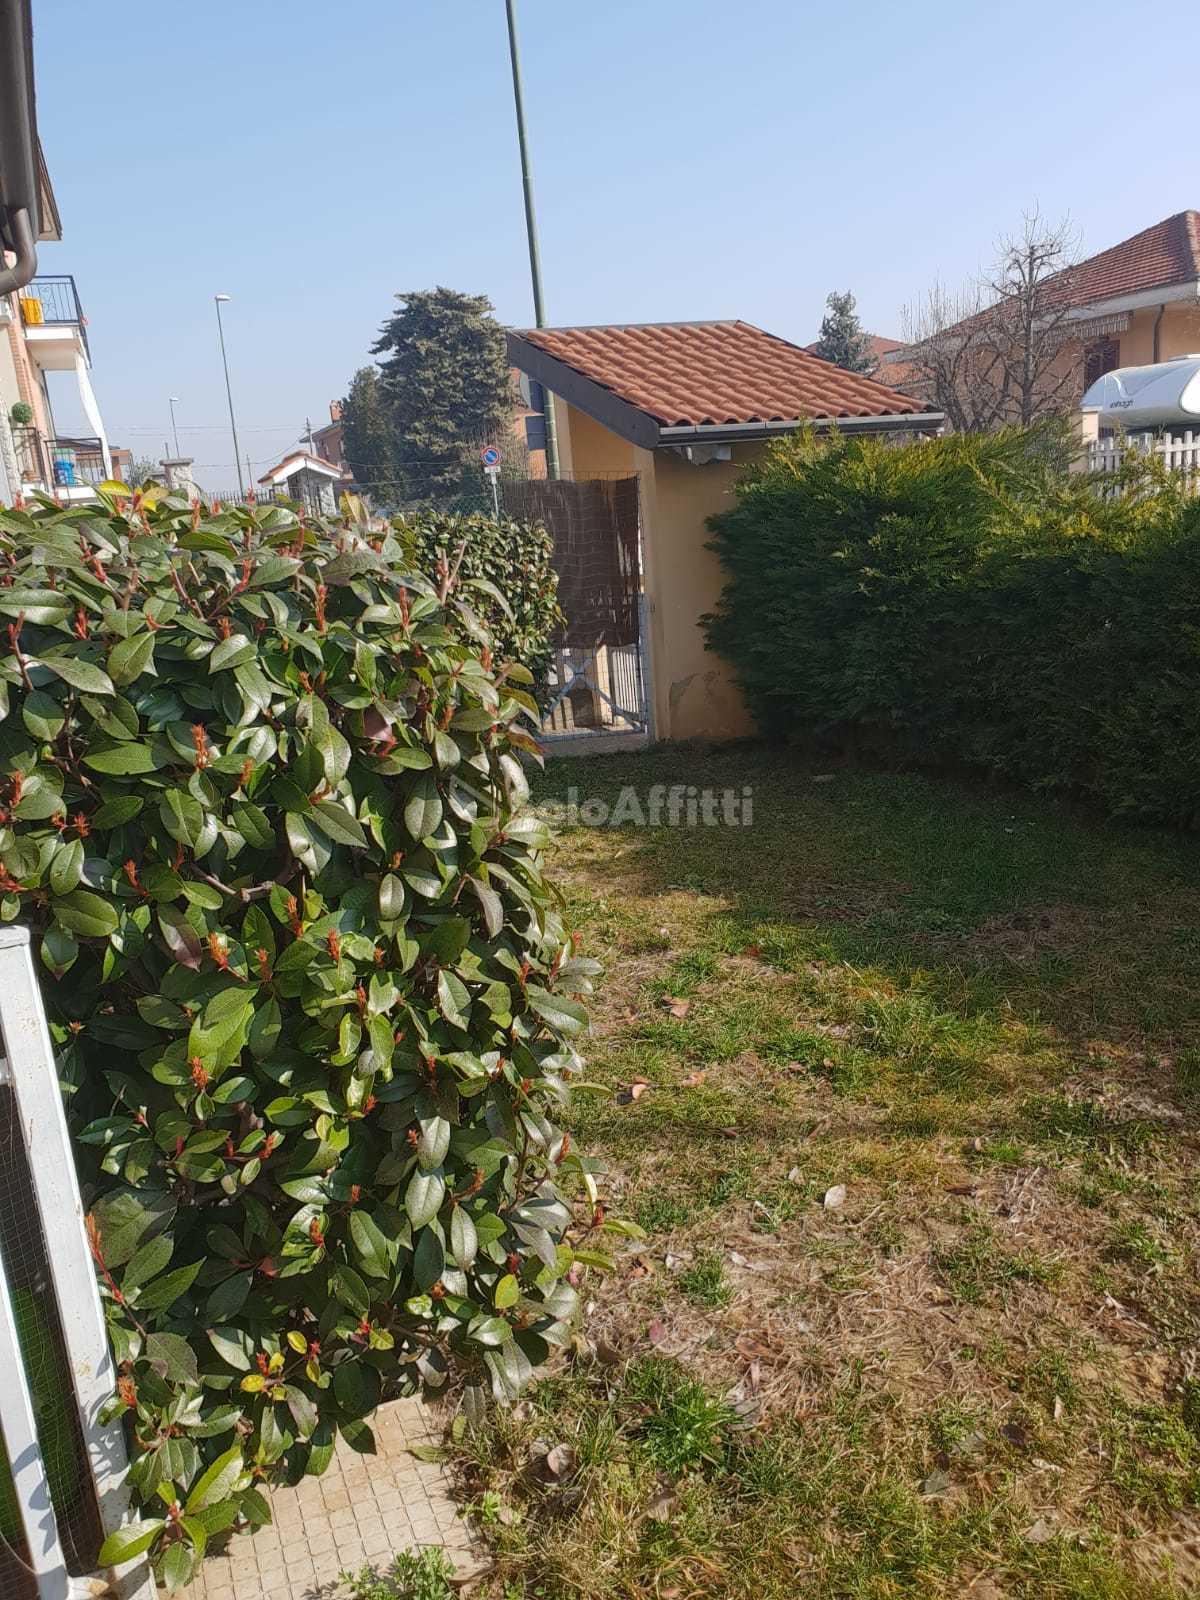 giardino7.jpg